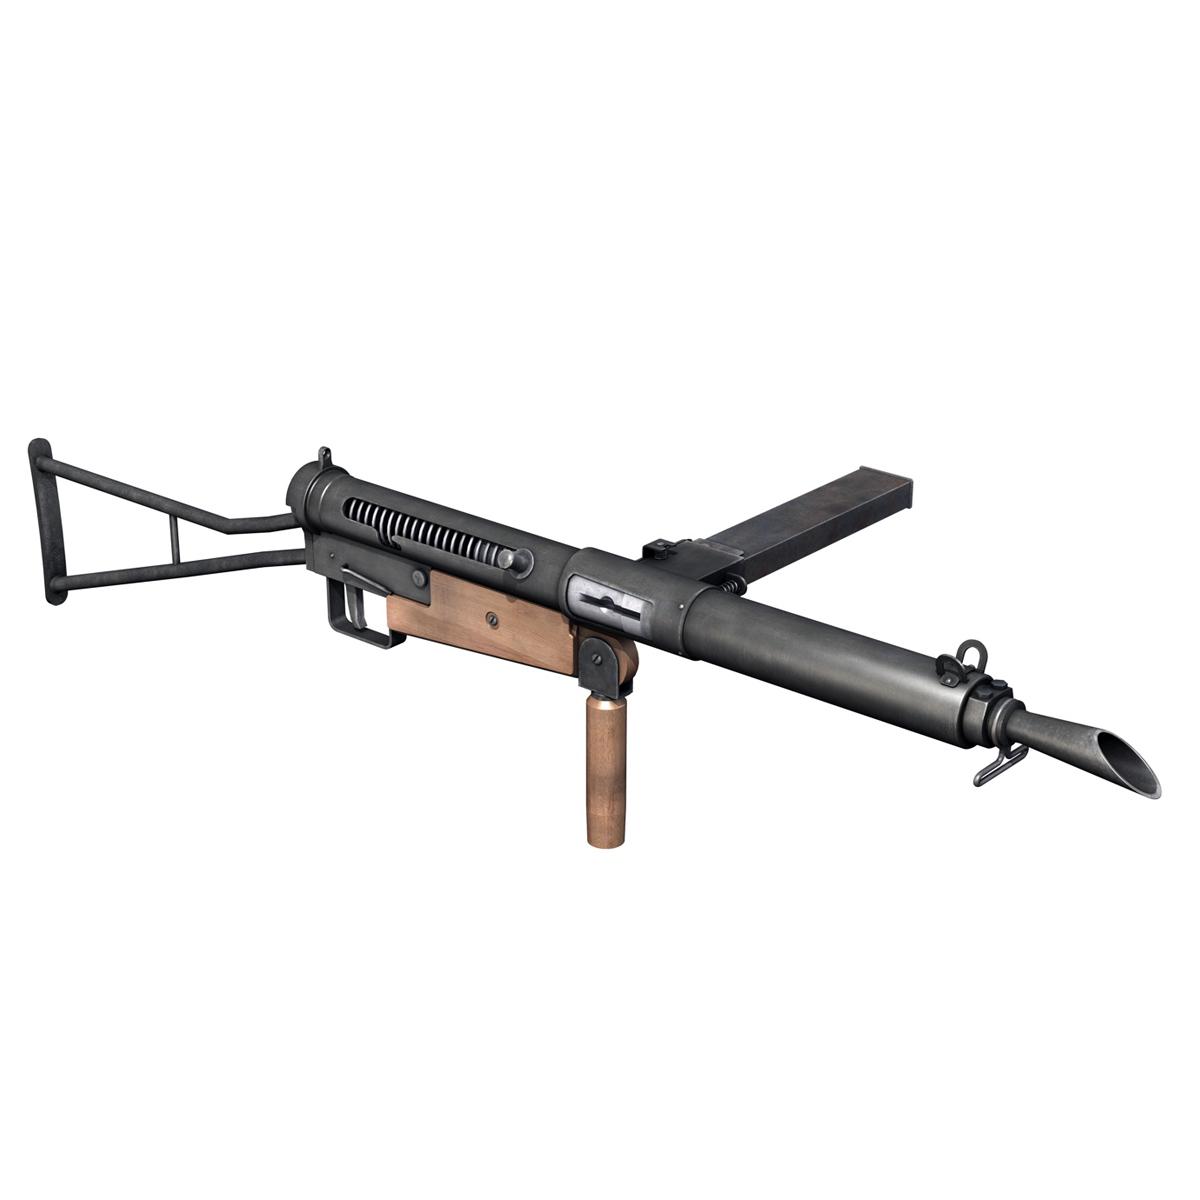 sten submachine gun – collection 3d model 3ds fbx c4d lwo obj 199296